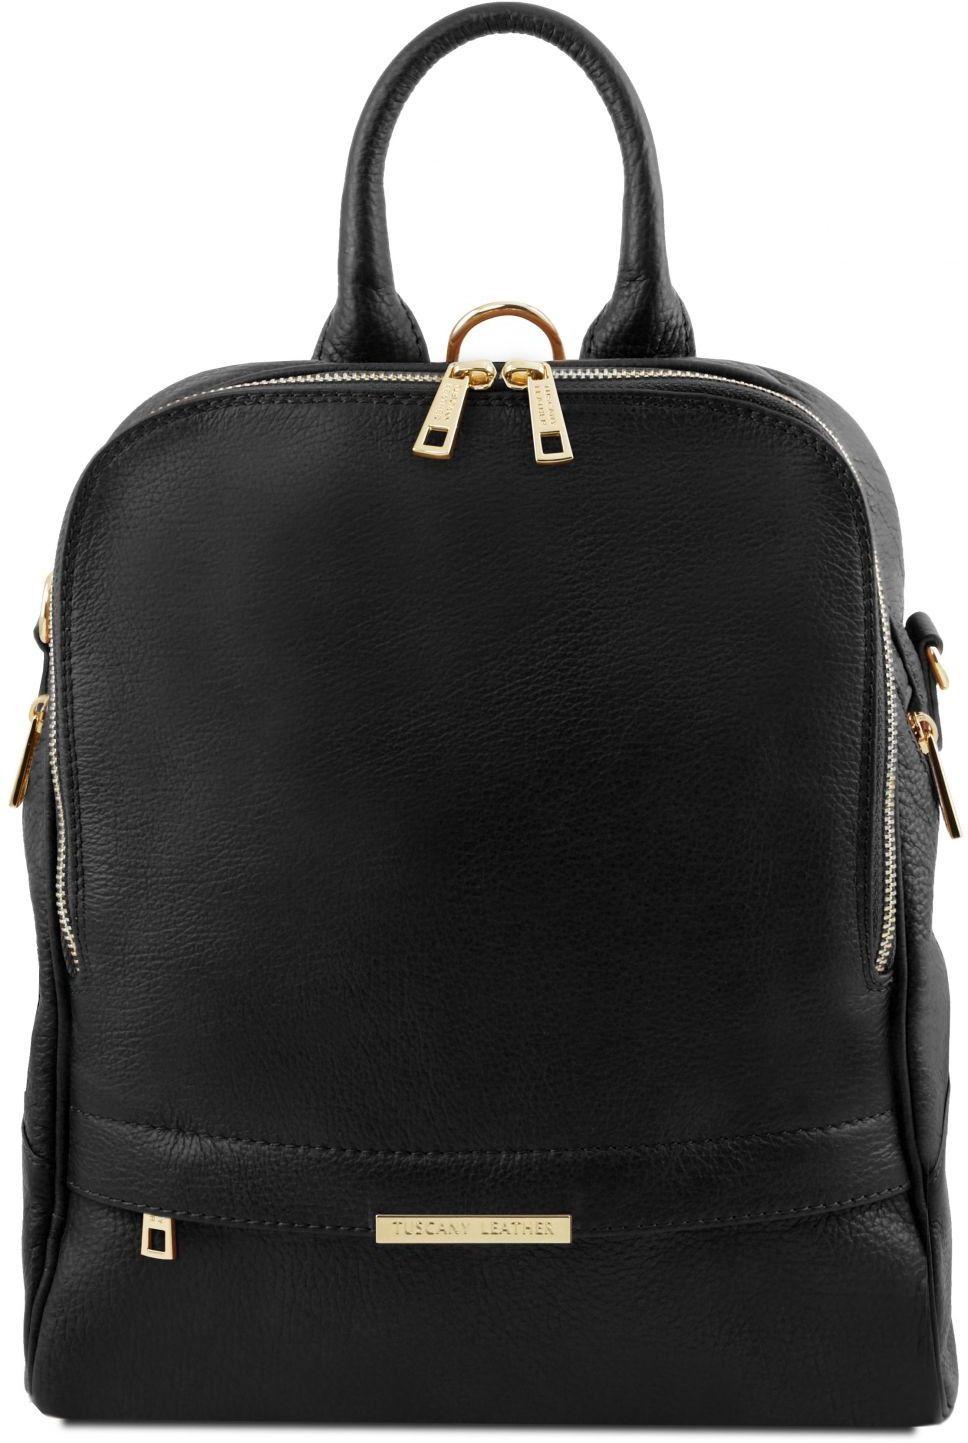 Γυναικεία Τσάντα Πλάτης Δερμάτινη TL141376 Μαύρο Tuscany Leather γυναίκα   τσάντες πλάτης